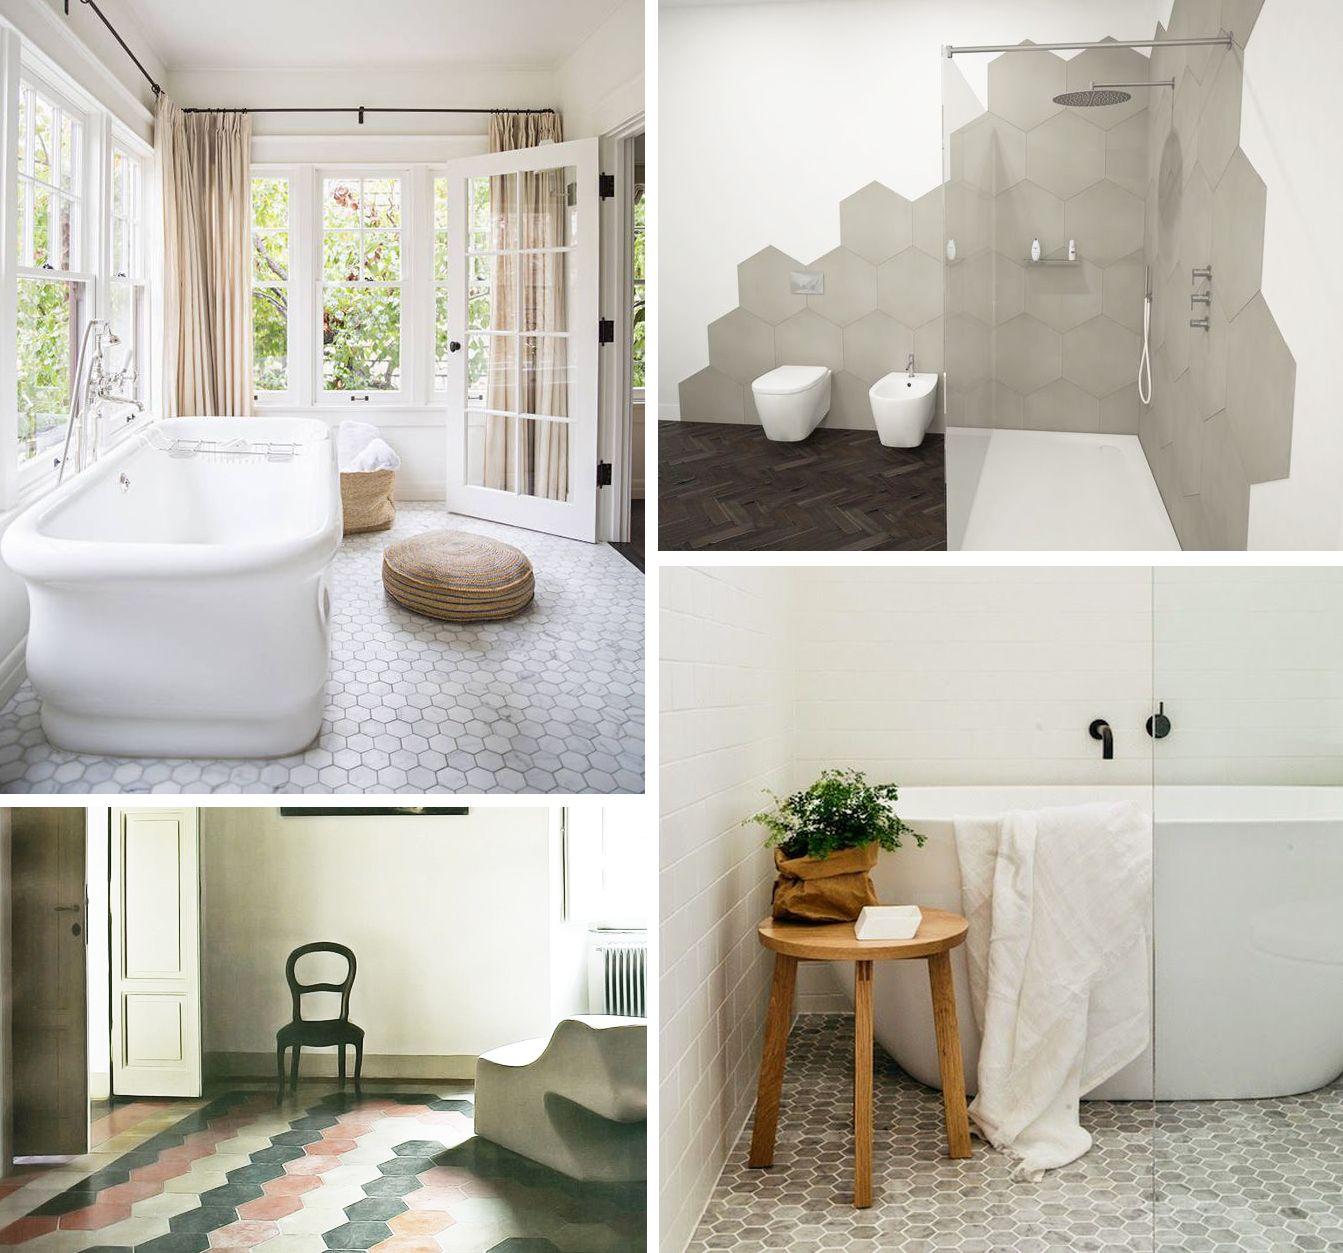 Hexagonale tegels in de badkamer #aarde kleuren   Badkamer   Pinterest